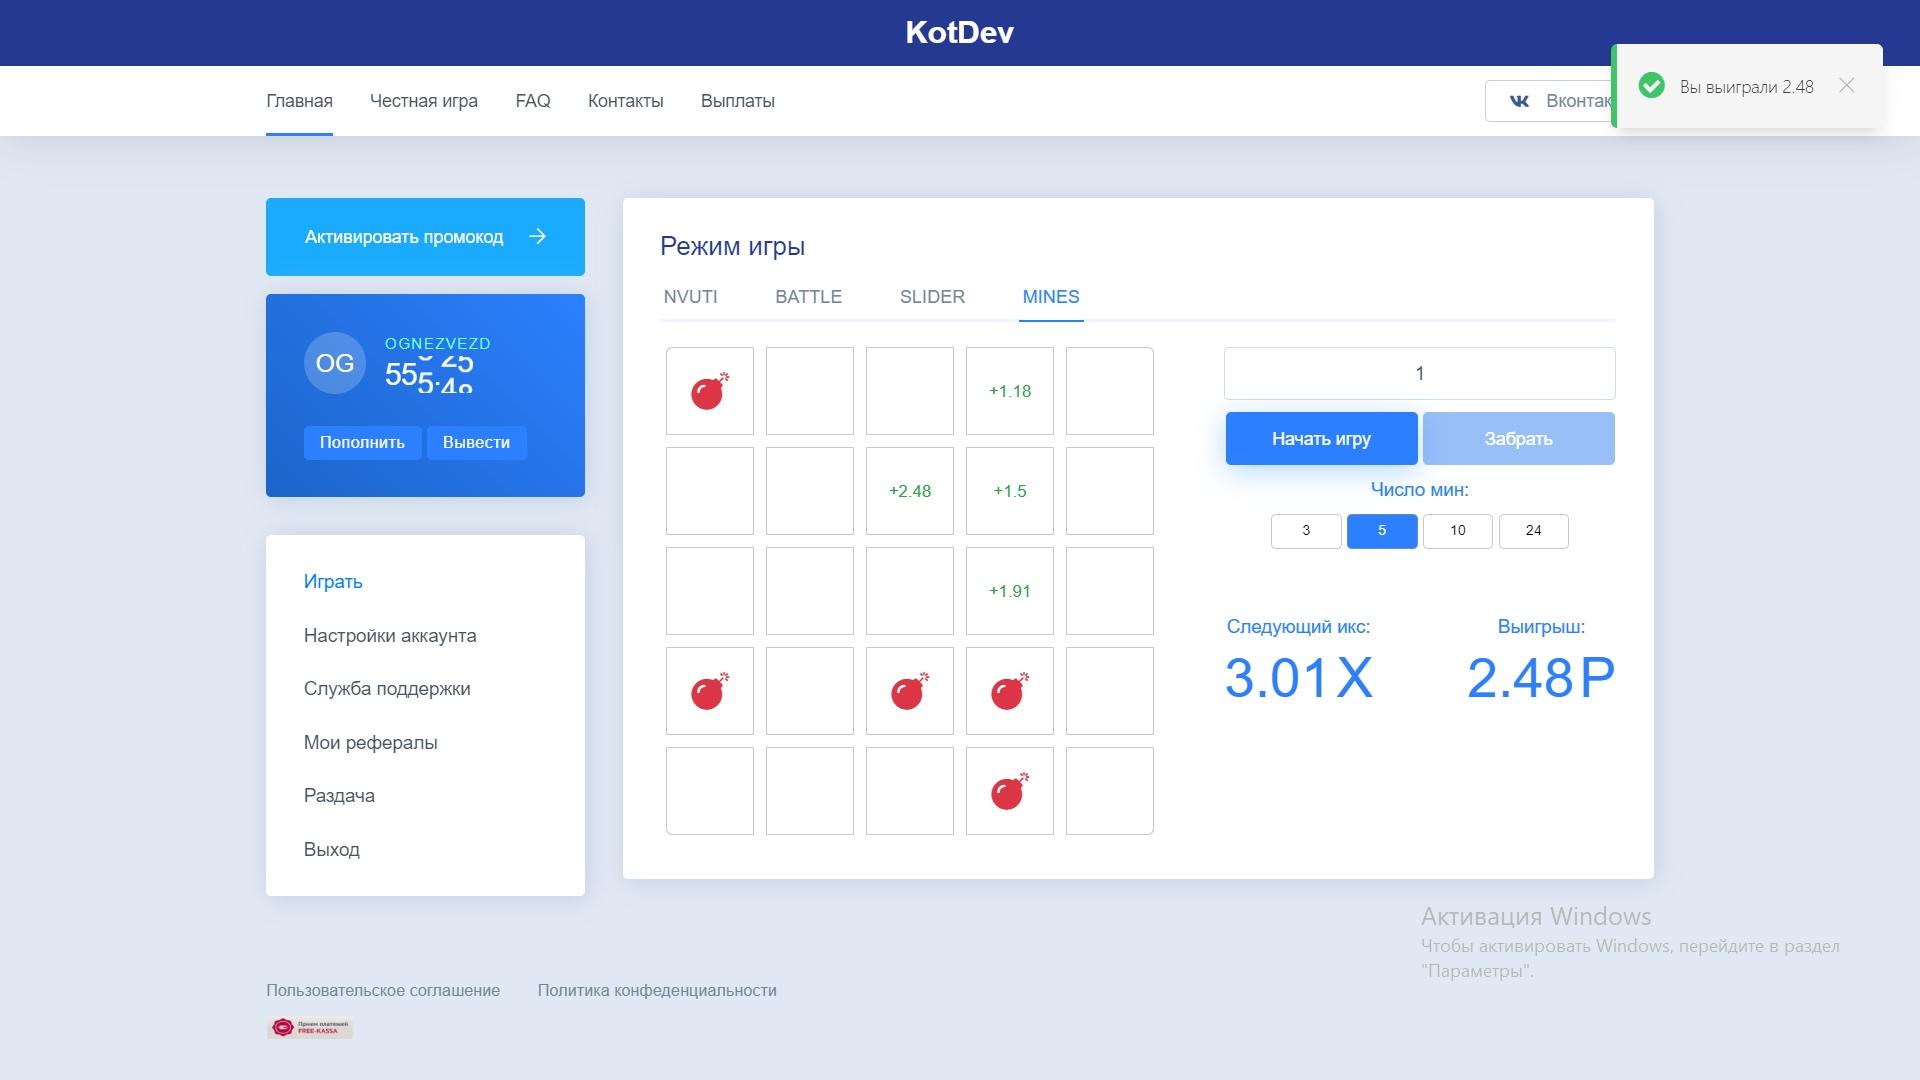 KotDev - скриншот